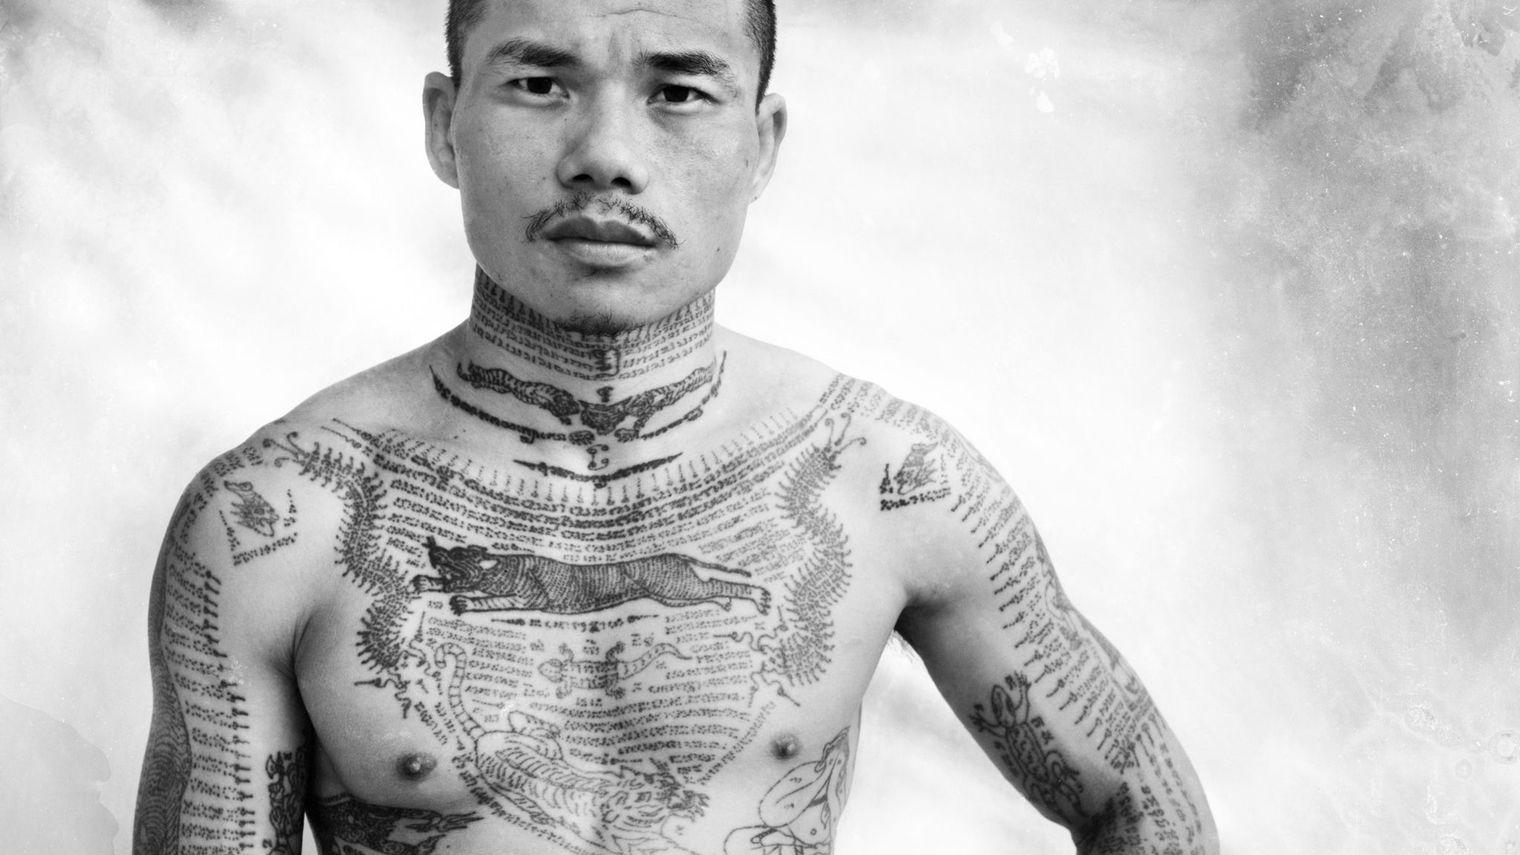 L'exposition qui met en lumière art tattoo, tatoueur tatoué est déplacé au rom de toronto